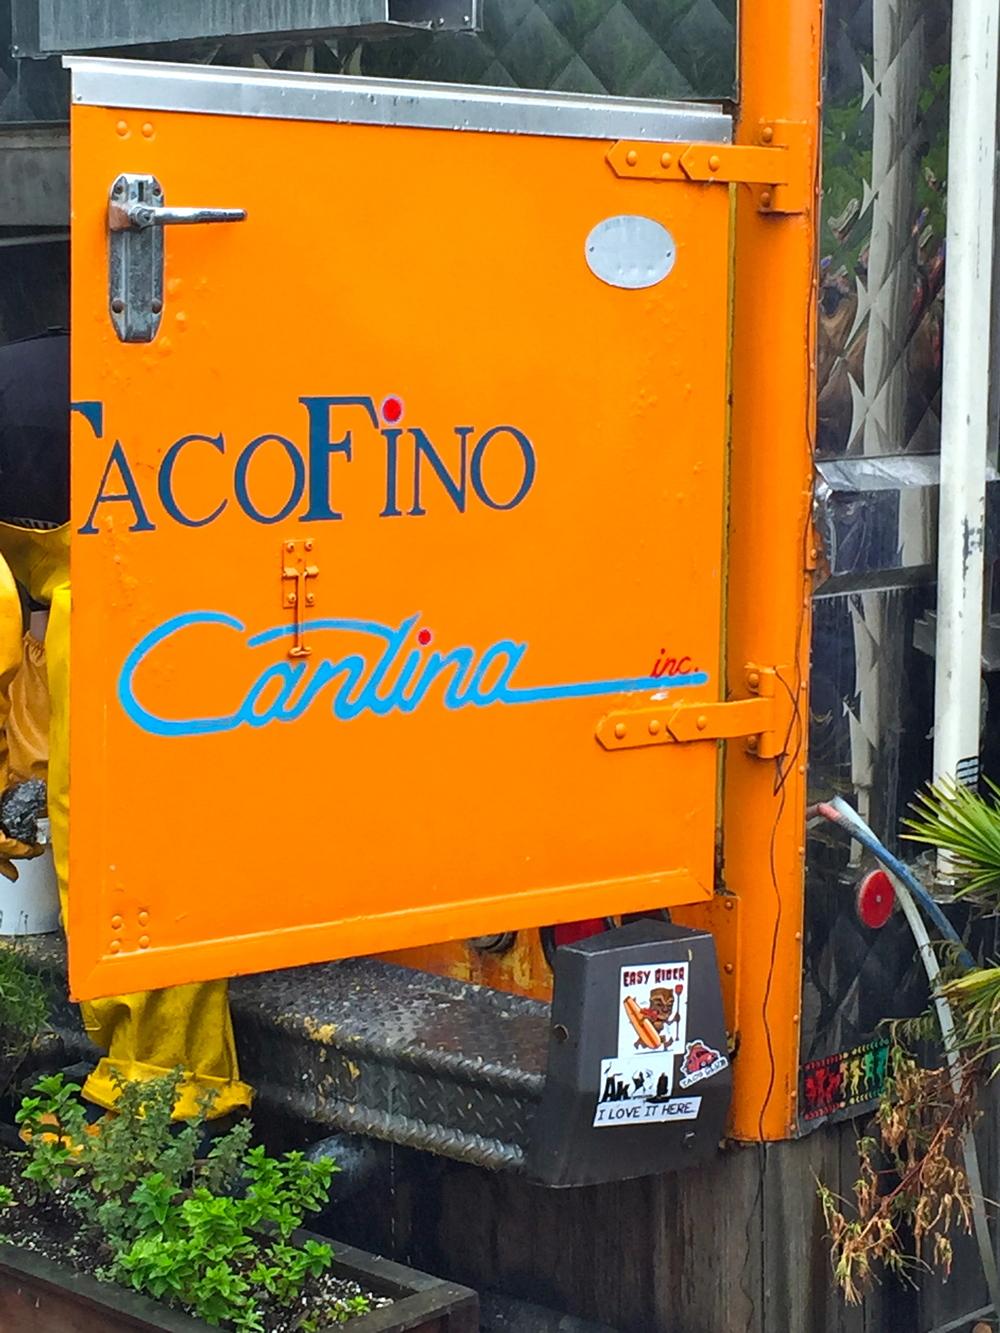 TacoFino Cantina, Food Truck, Tofino, BC, Canada